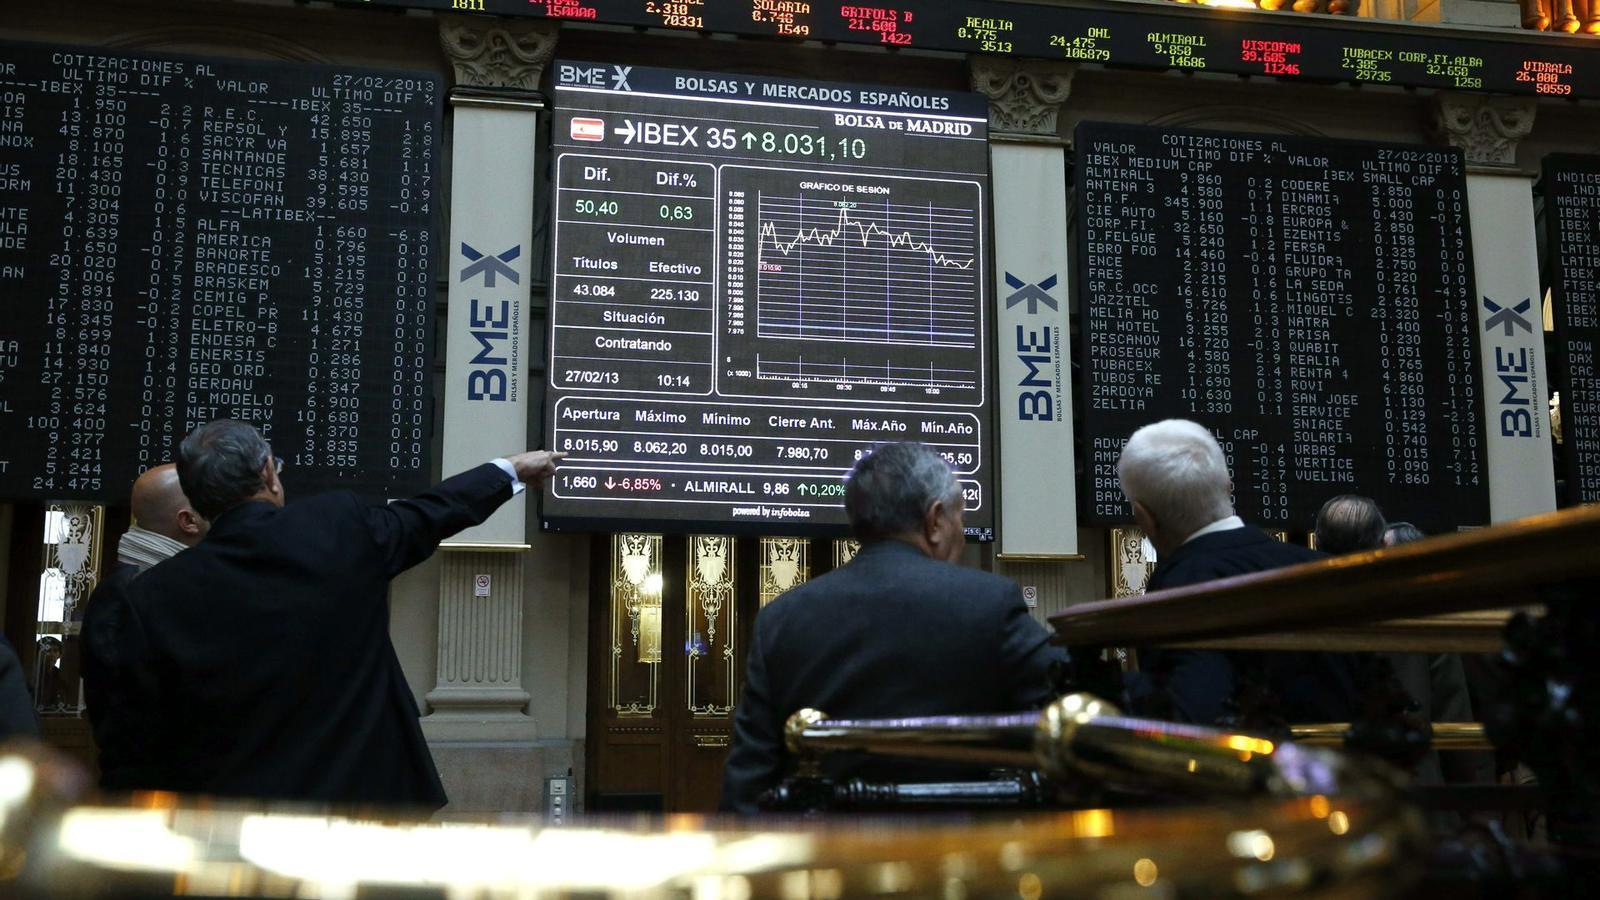 Les empreses de l'Íbex-35 van guanyar un 16% més l'any passat